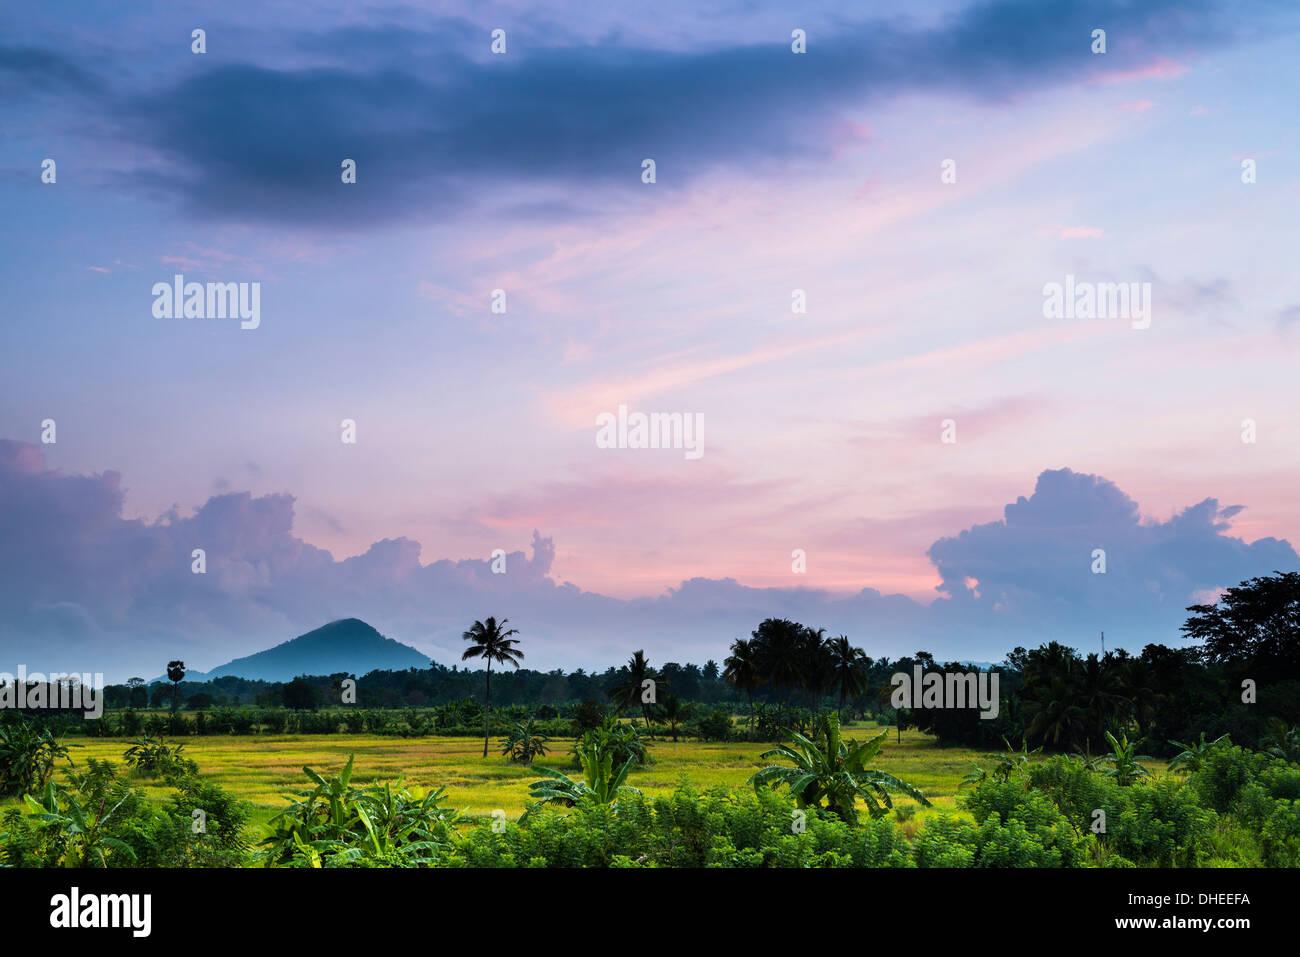 Sri Lanka-Landschaft bei Sonnenaufgang, Reisfelder in der Nähe von Dambulla, Central Province, Sri Lanka, Asien Stockbild